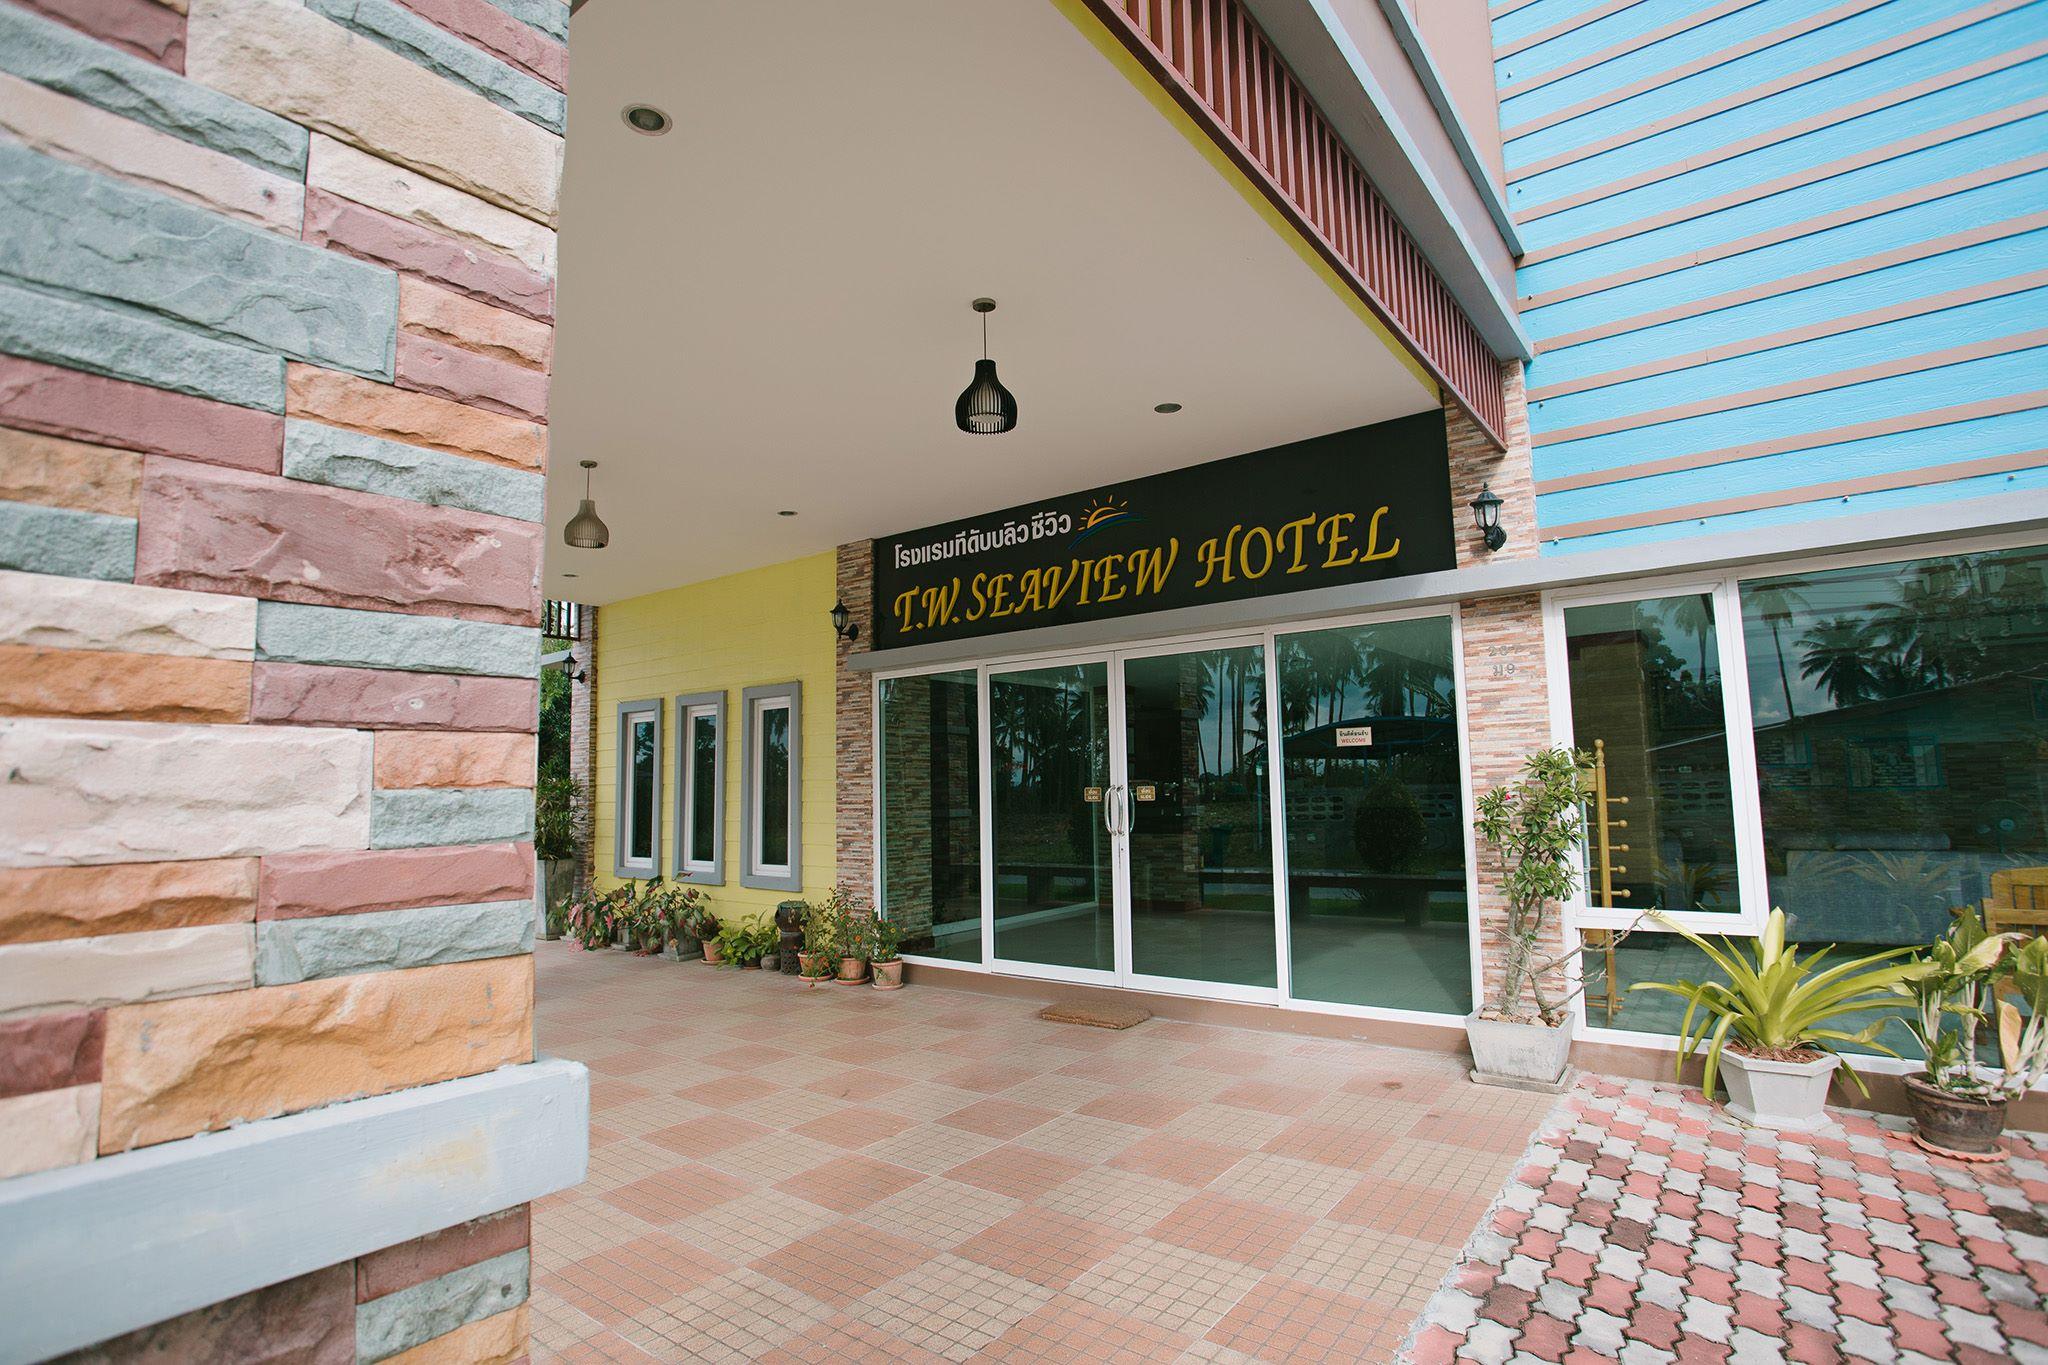 ที่พัก ท่าศาลา โรงแรม T.W.Seaview Hotel ห้องประชุม ห้องจัดสรรค์ ห้องจัดเลี้ยง นครศรีดีย์